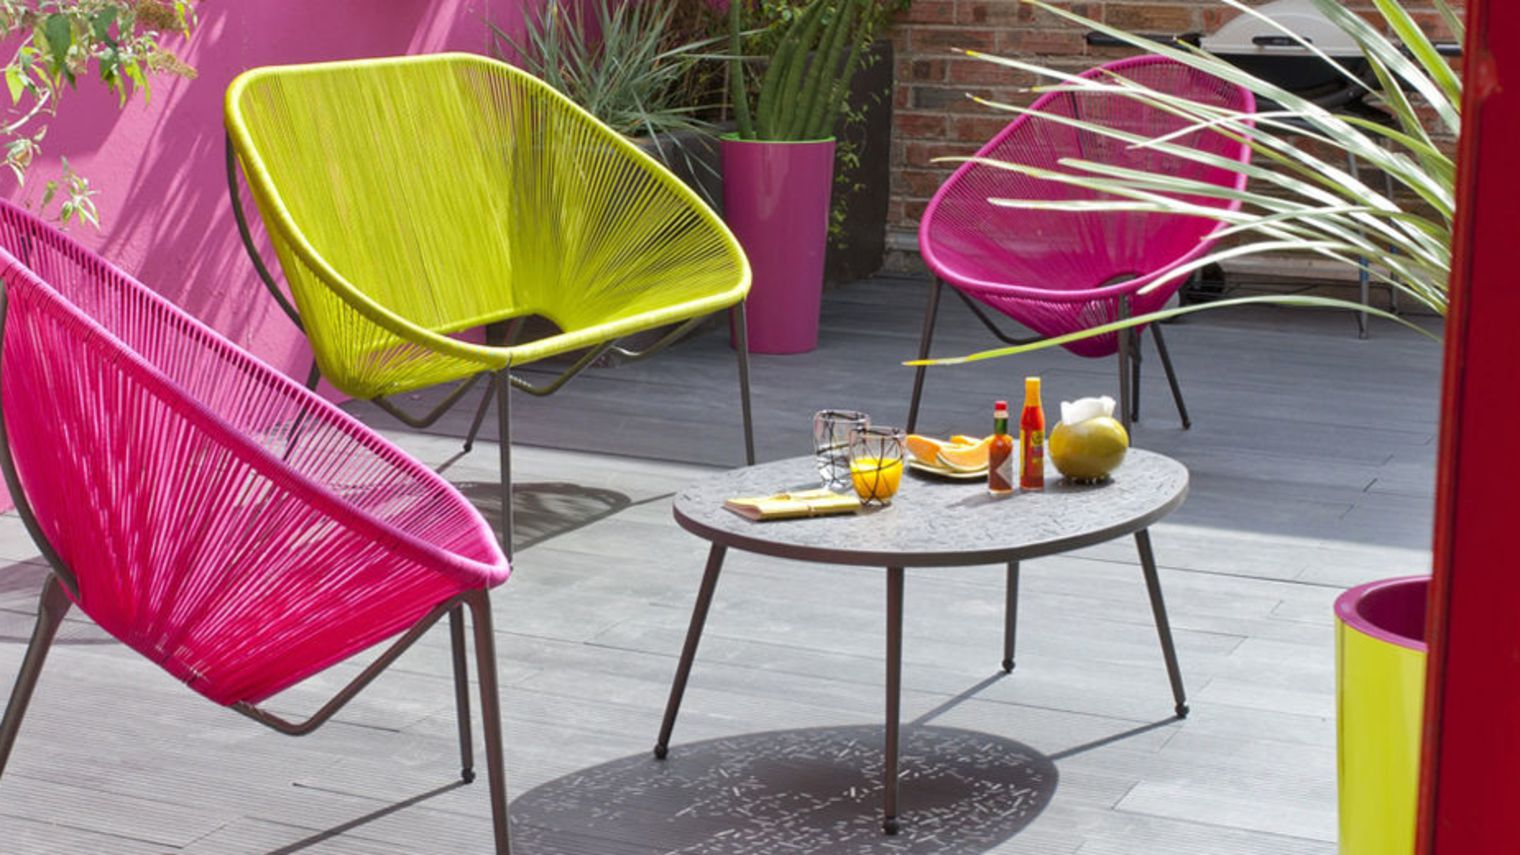 faire de sa terrasse de jardin un lieu convivial et chaleureux mon potager gourmand. Black Bedroom Furniture Sets. Home Design Ideas